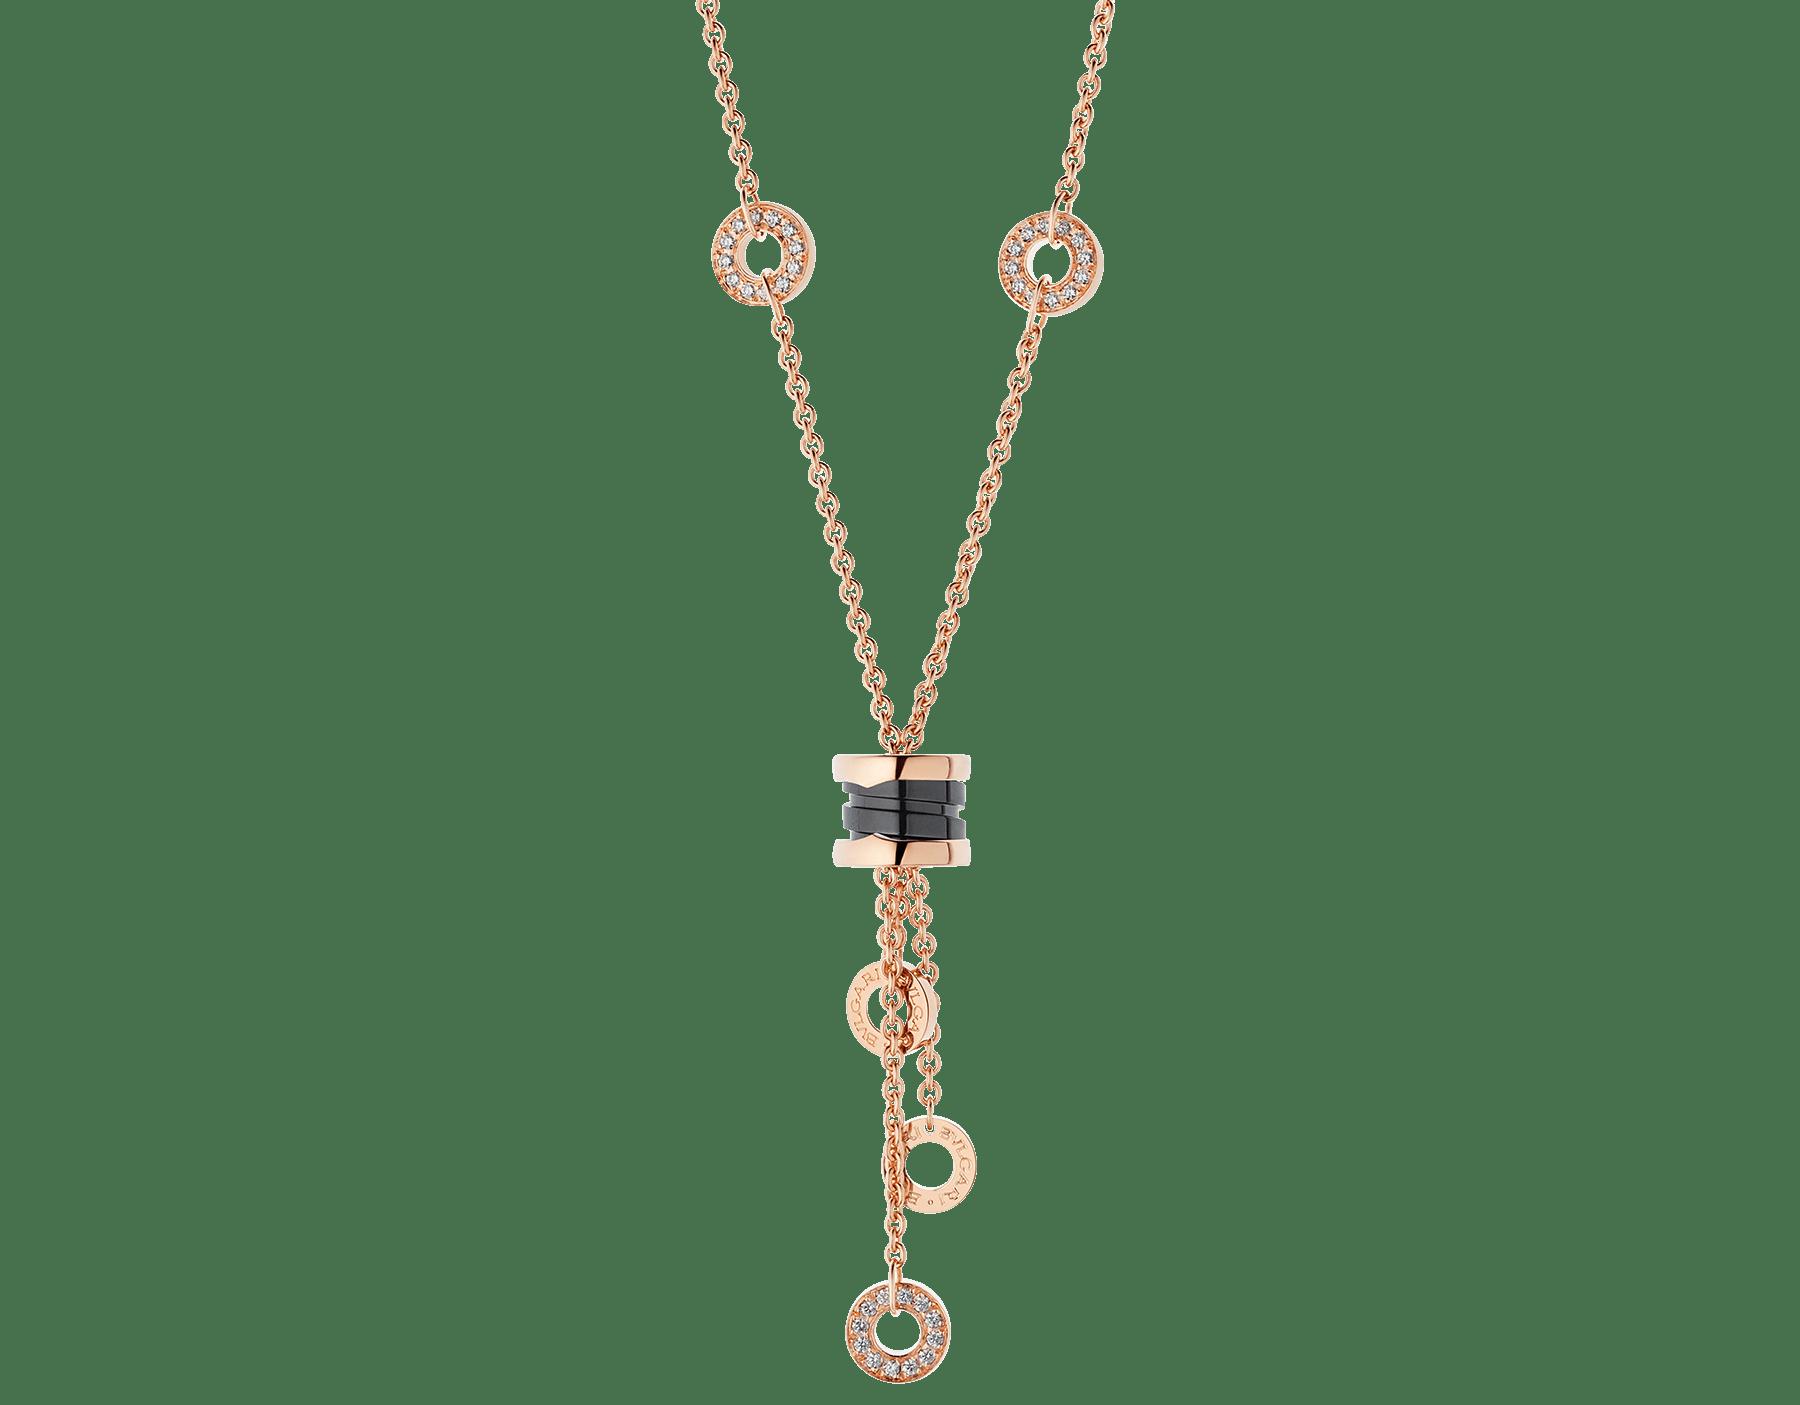 Collier B.zero1 avec chaîne en or rose 18K avec pavé diamants et pendentif en or rose 18K et céramique noire. 347578 image 1